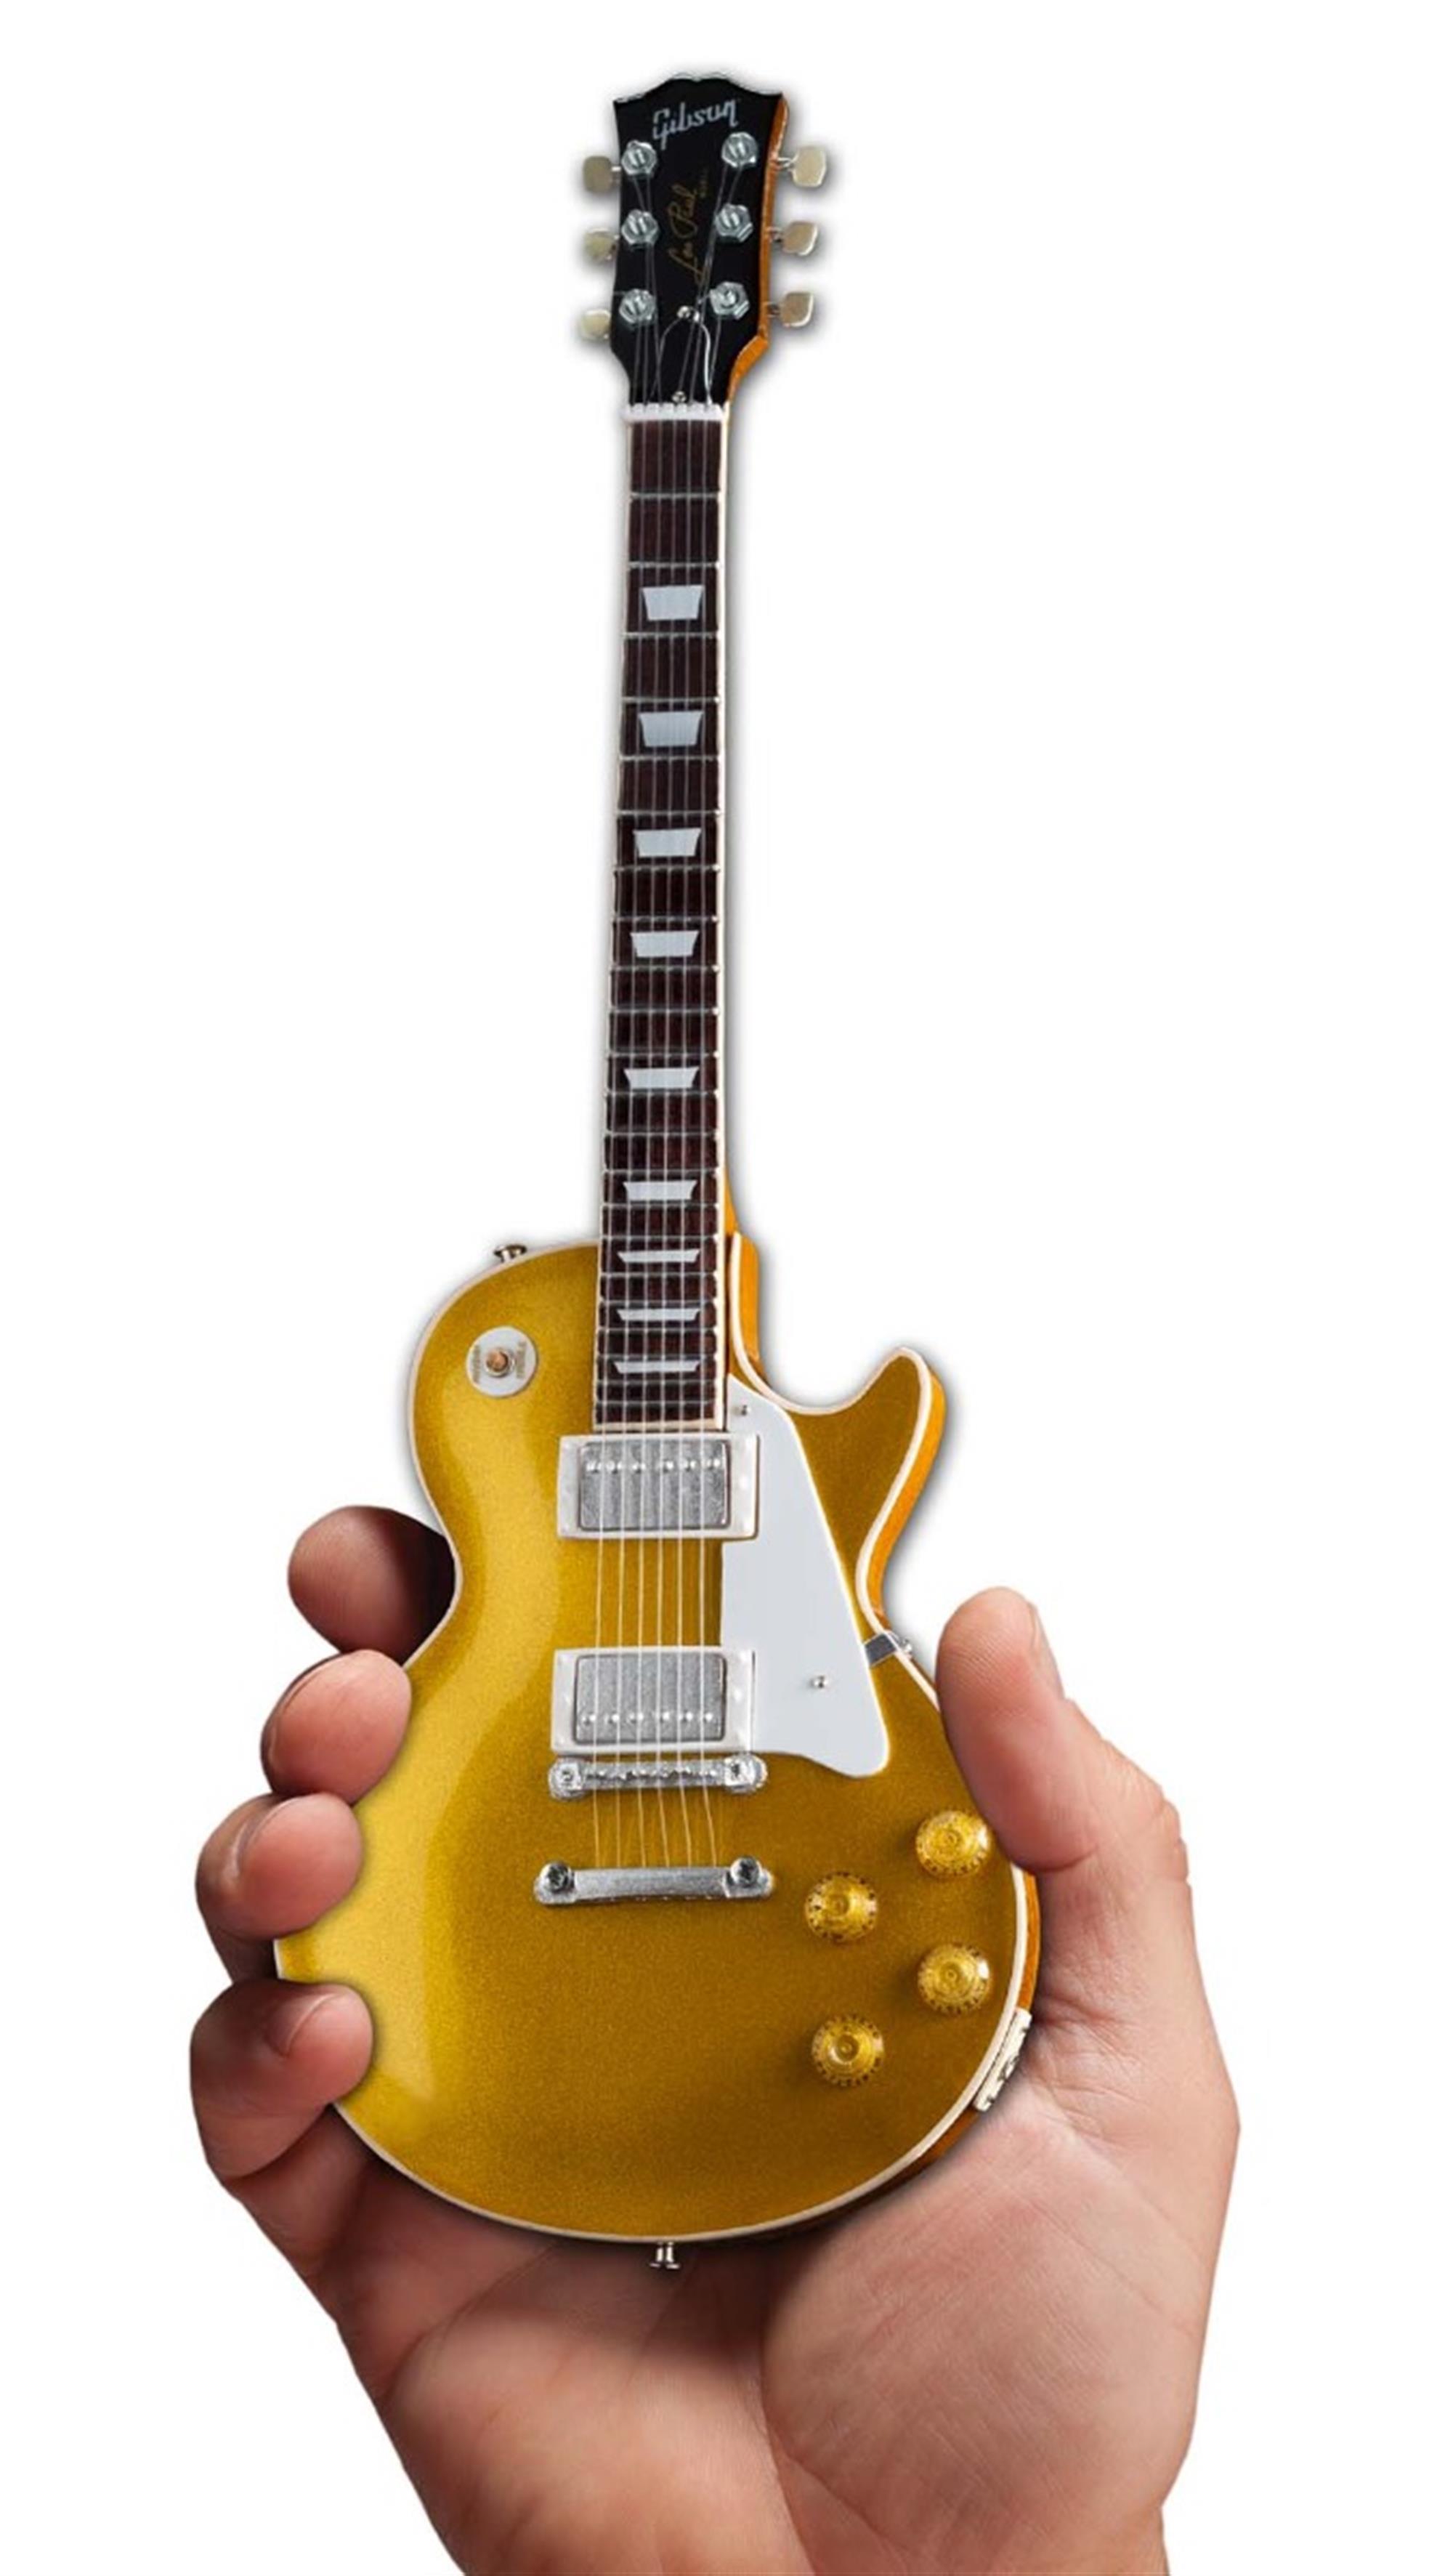 Axe Heaven Gibson 1957 Les Paul Standard Gold Top Mini Guitar Collectible